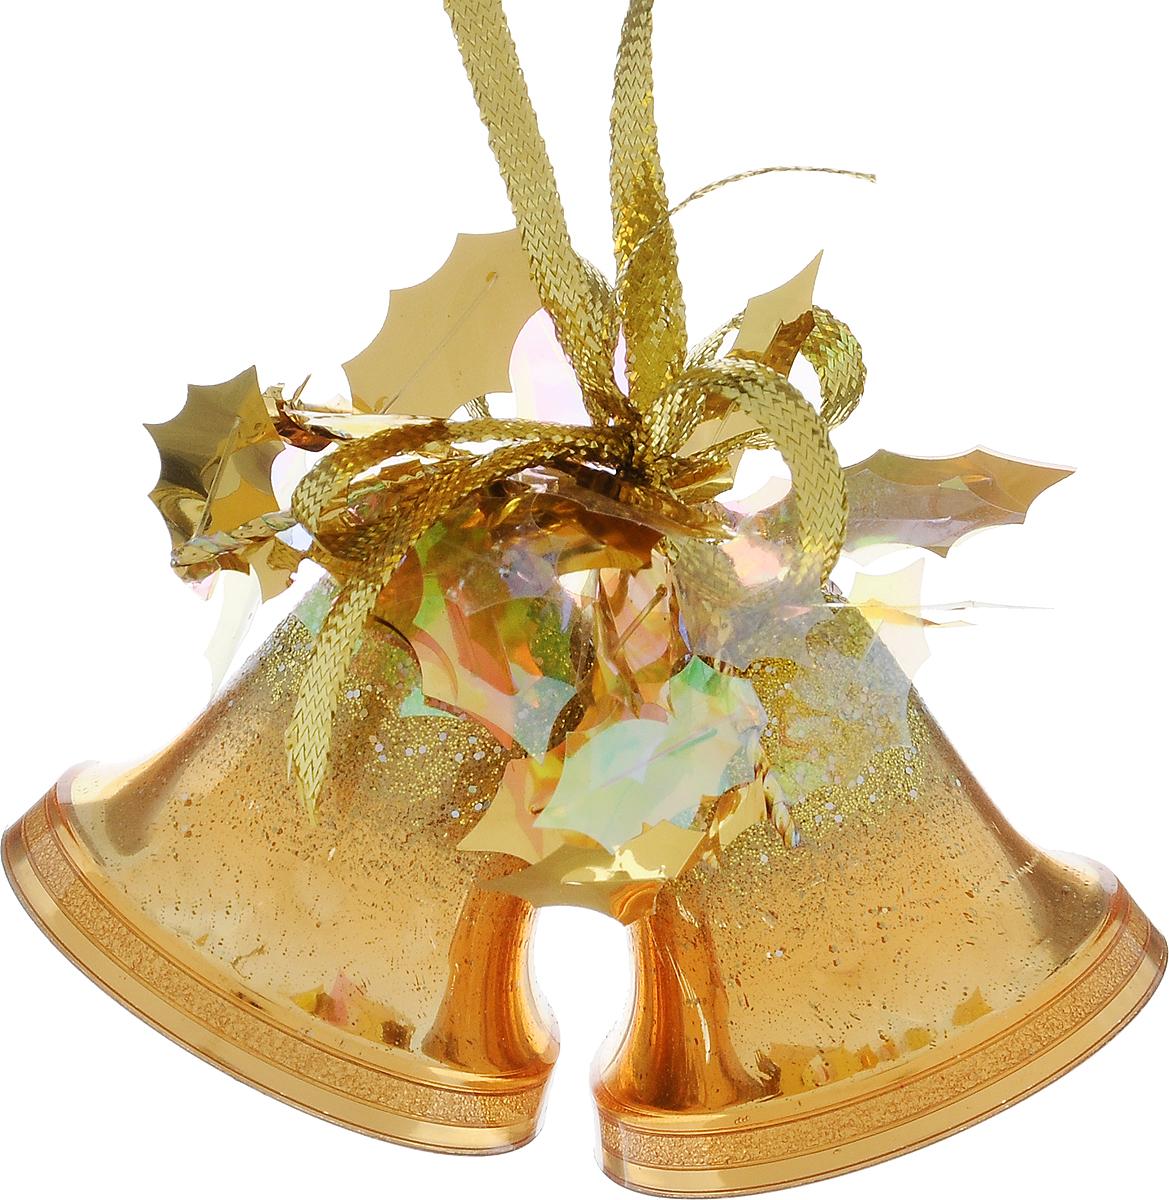 Украшение новогоднее подвесное Weiste Двойные колокольчики, цвет: золотой, высота 6 см5531Новогоднее подвесное украшение Weiste Двойные колокольчикивыполнено из пластика и ПВХ. Изделие оформлено блестками. С помощью специальной петелькиукрашение можно повесить в любом понравившемся вам месте. Но, конечно, удачнее всего онобудет смотреться на праздничной елке. Елочная игрушка - символ Нового года. Она несет в себе волшебство и красоту праздника.Создайте в своем доме атмосферу веселья и радости, украшая новогоднюю елку наряднымиигрушками, которые будут из года в год накапливать теплоту воспоминаний. Размер колокольчика: 5 х 5 х 5 см. Общий размер украшения: 5 х 6 х 10 см.